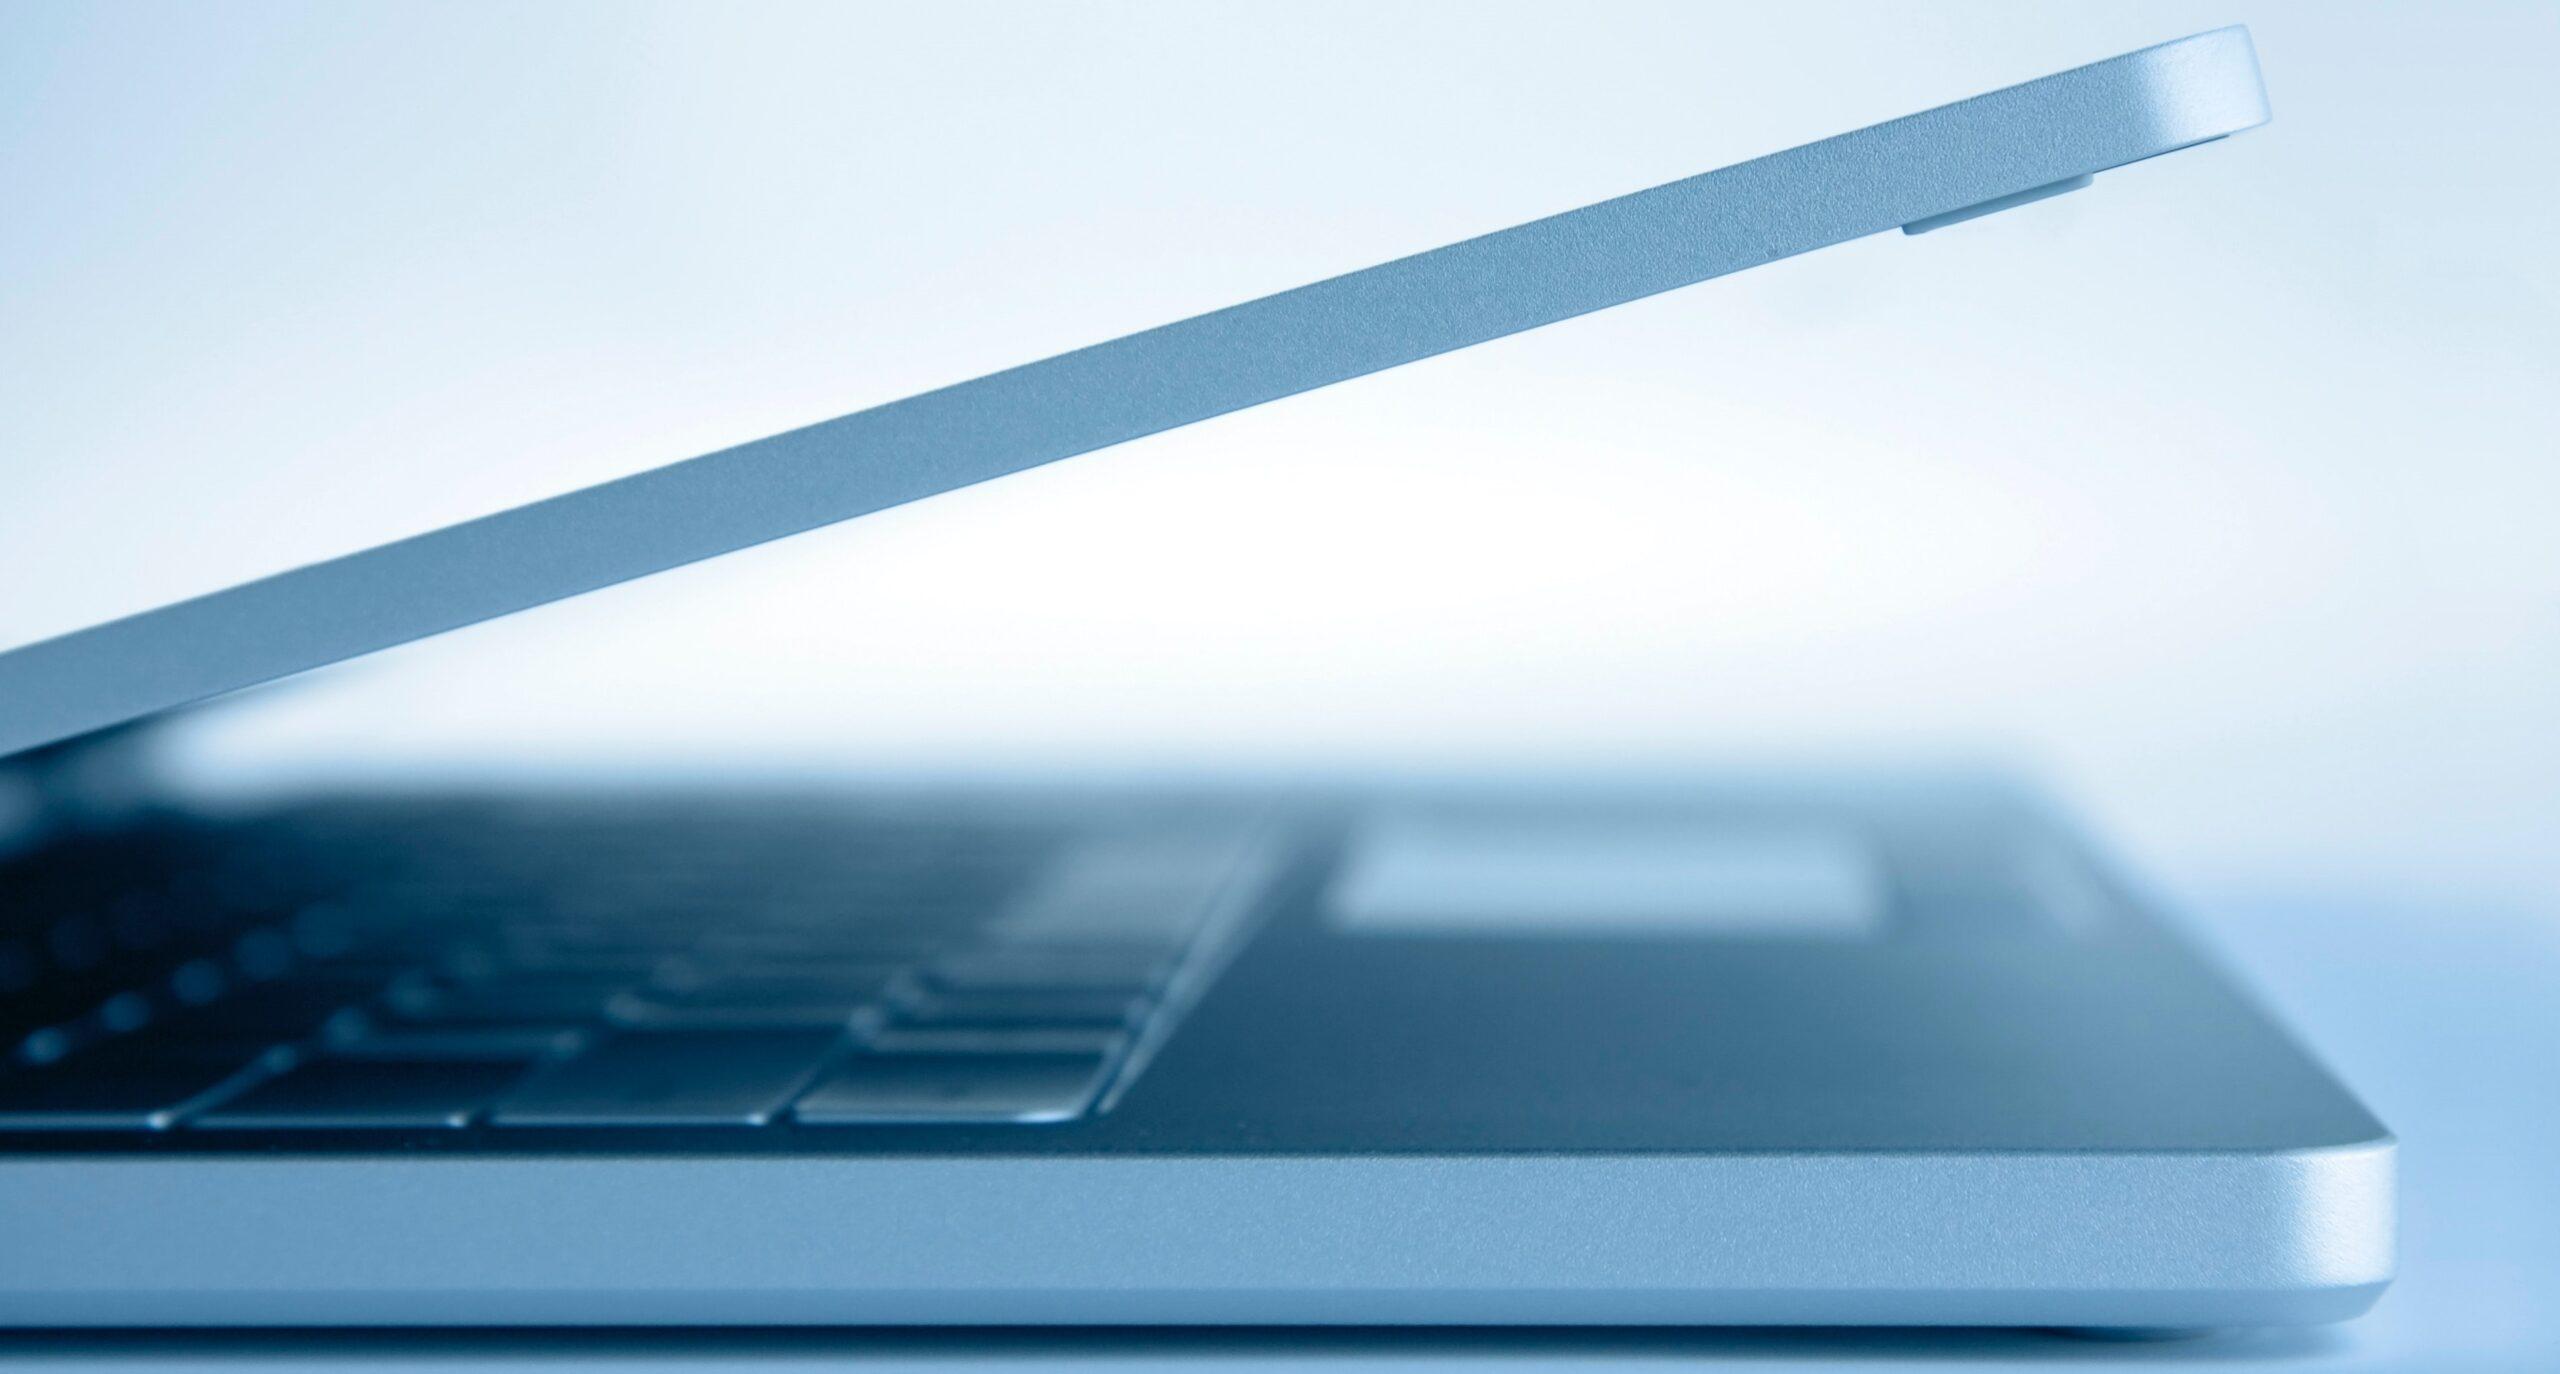 Kopfzeile mit offenem Laptop